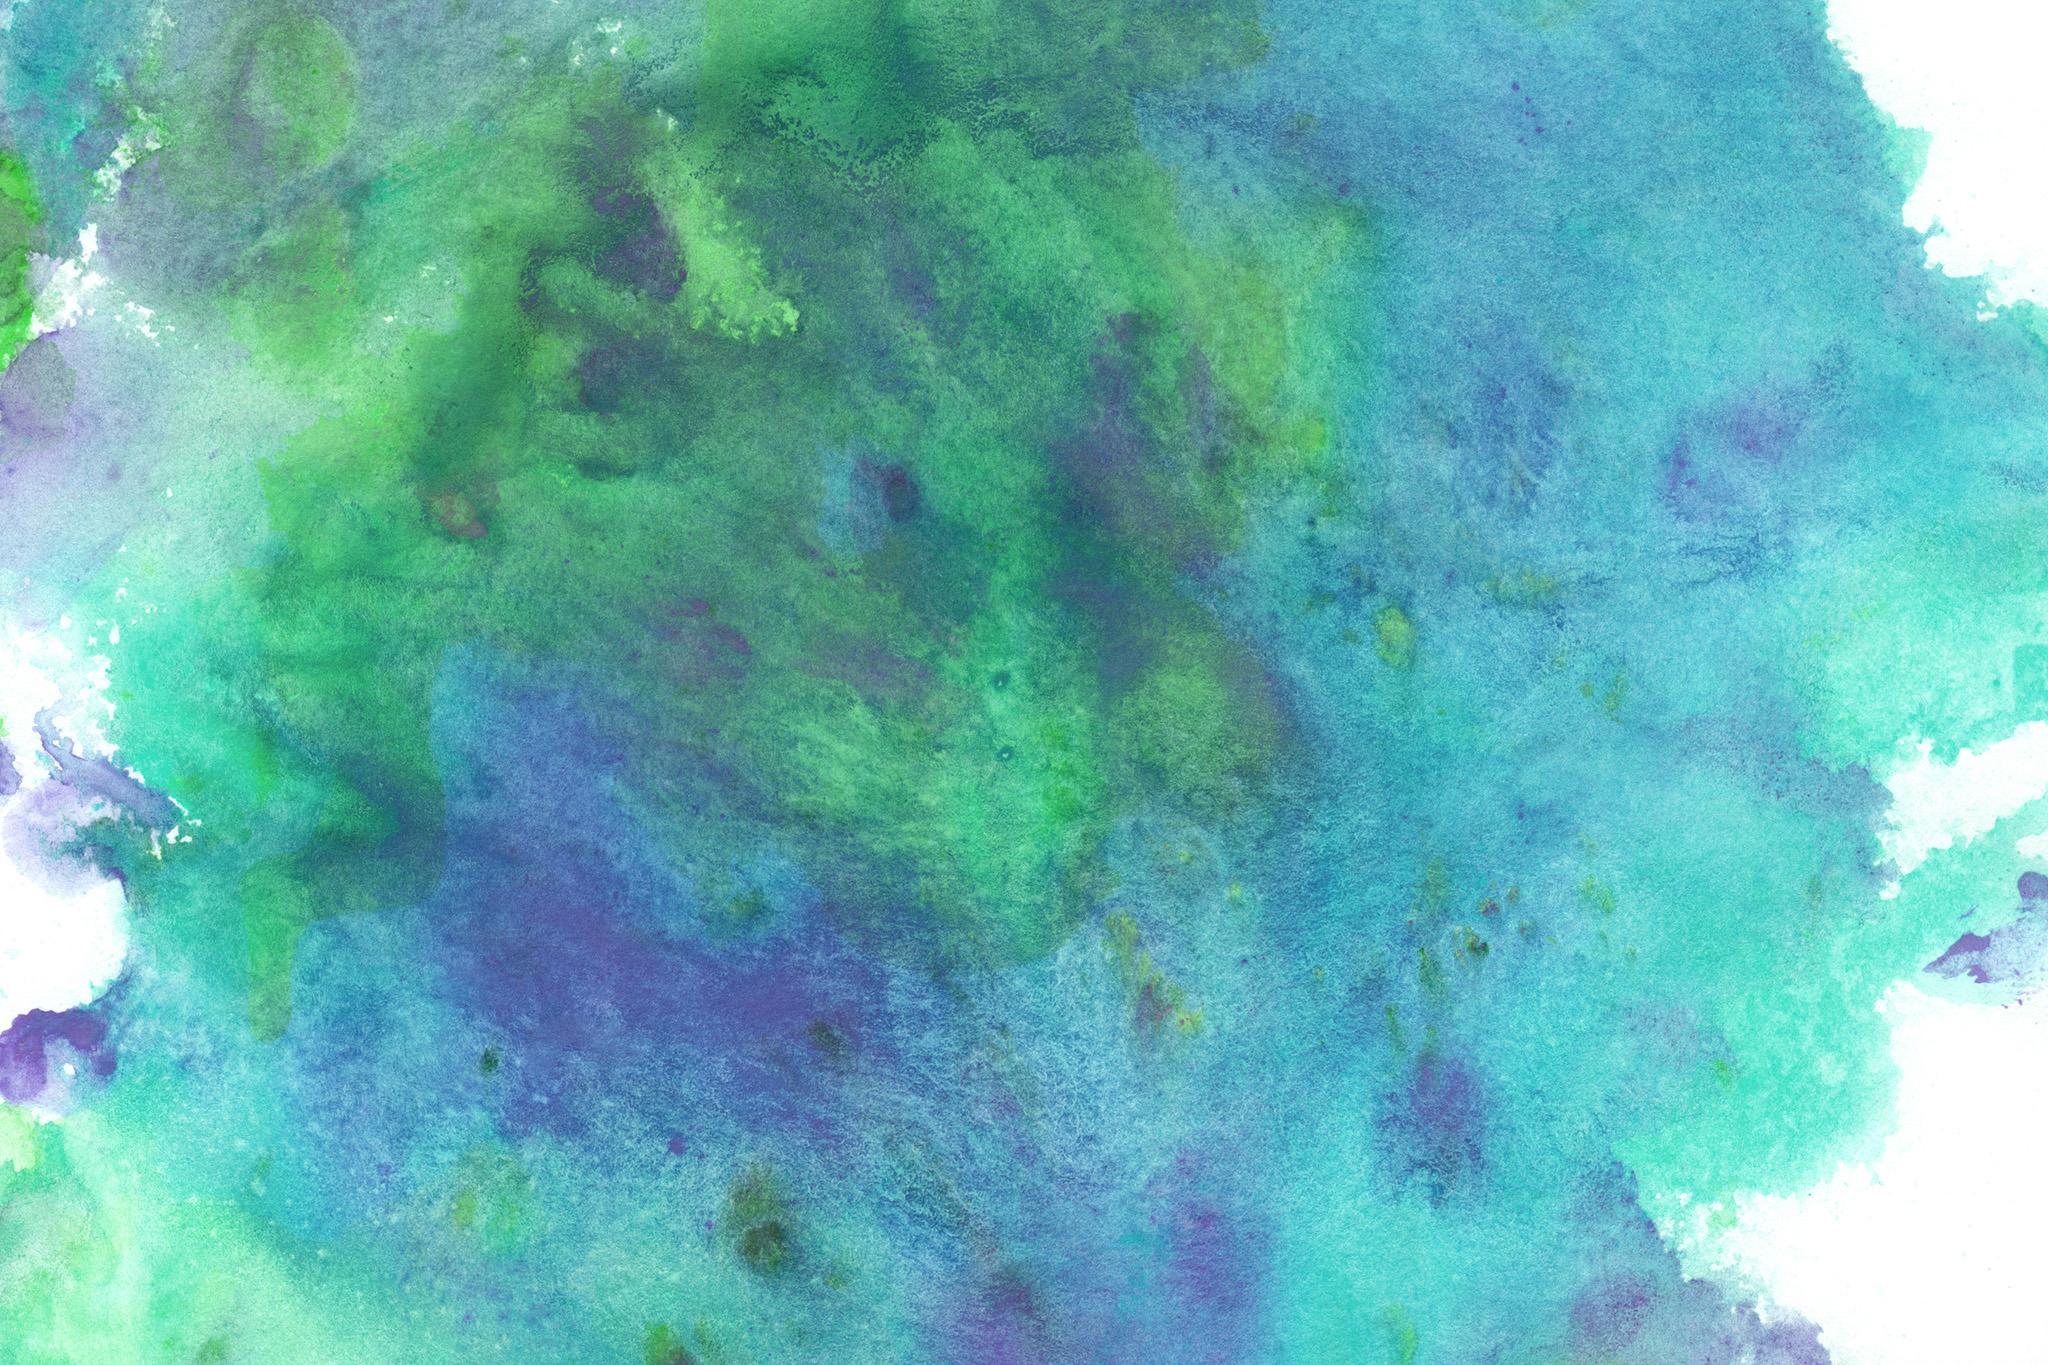 「ブルーとグリーンが美しく滲む水彩」